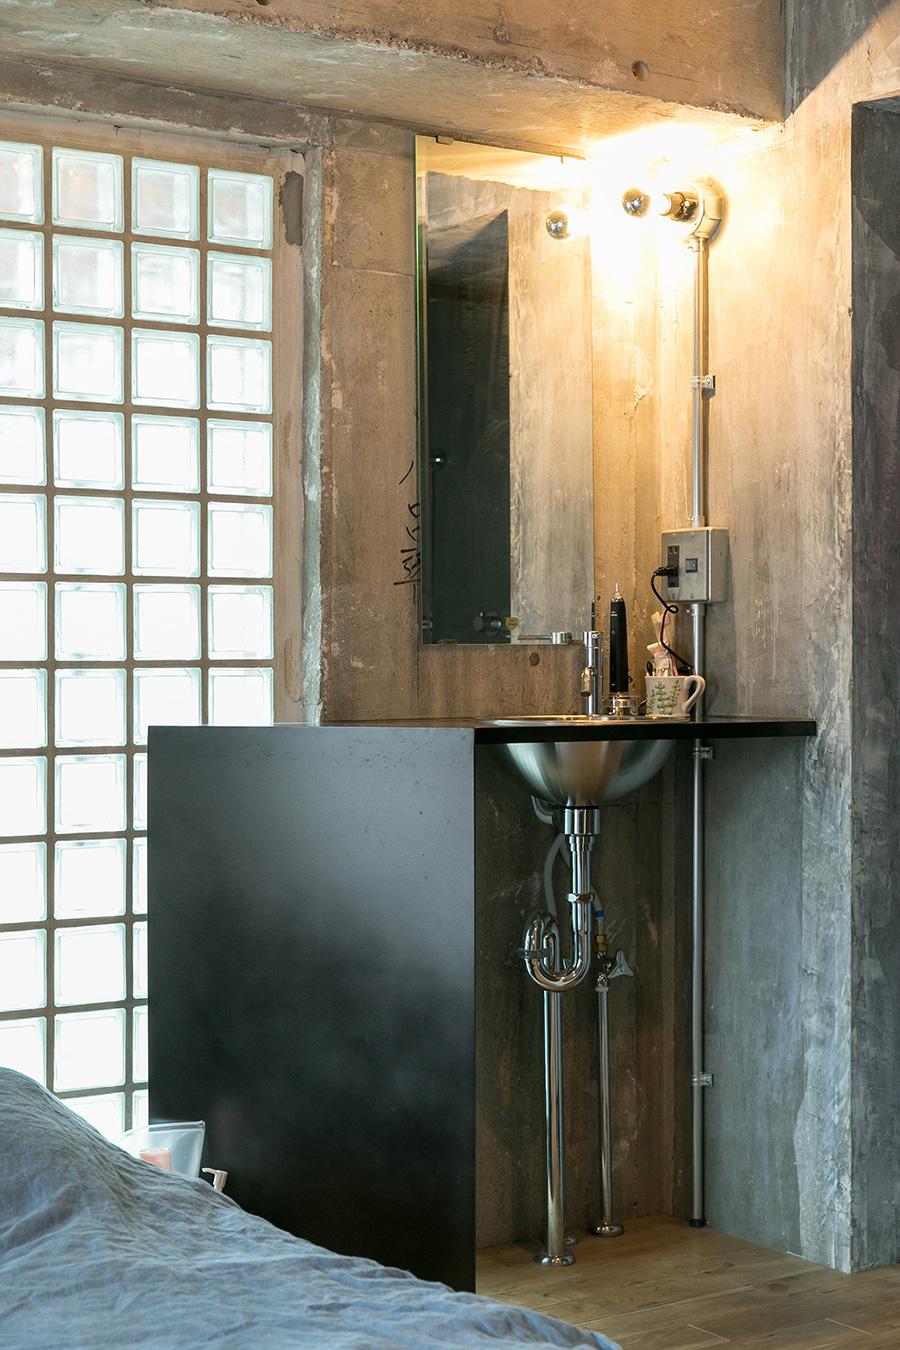 洗面台はアイアン素材で作ったオリジナル。ガラスブロックを見せながら、斜めに空間を切り取っている。